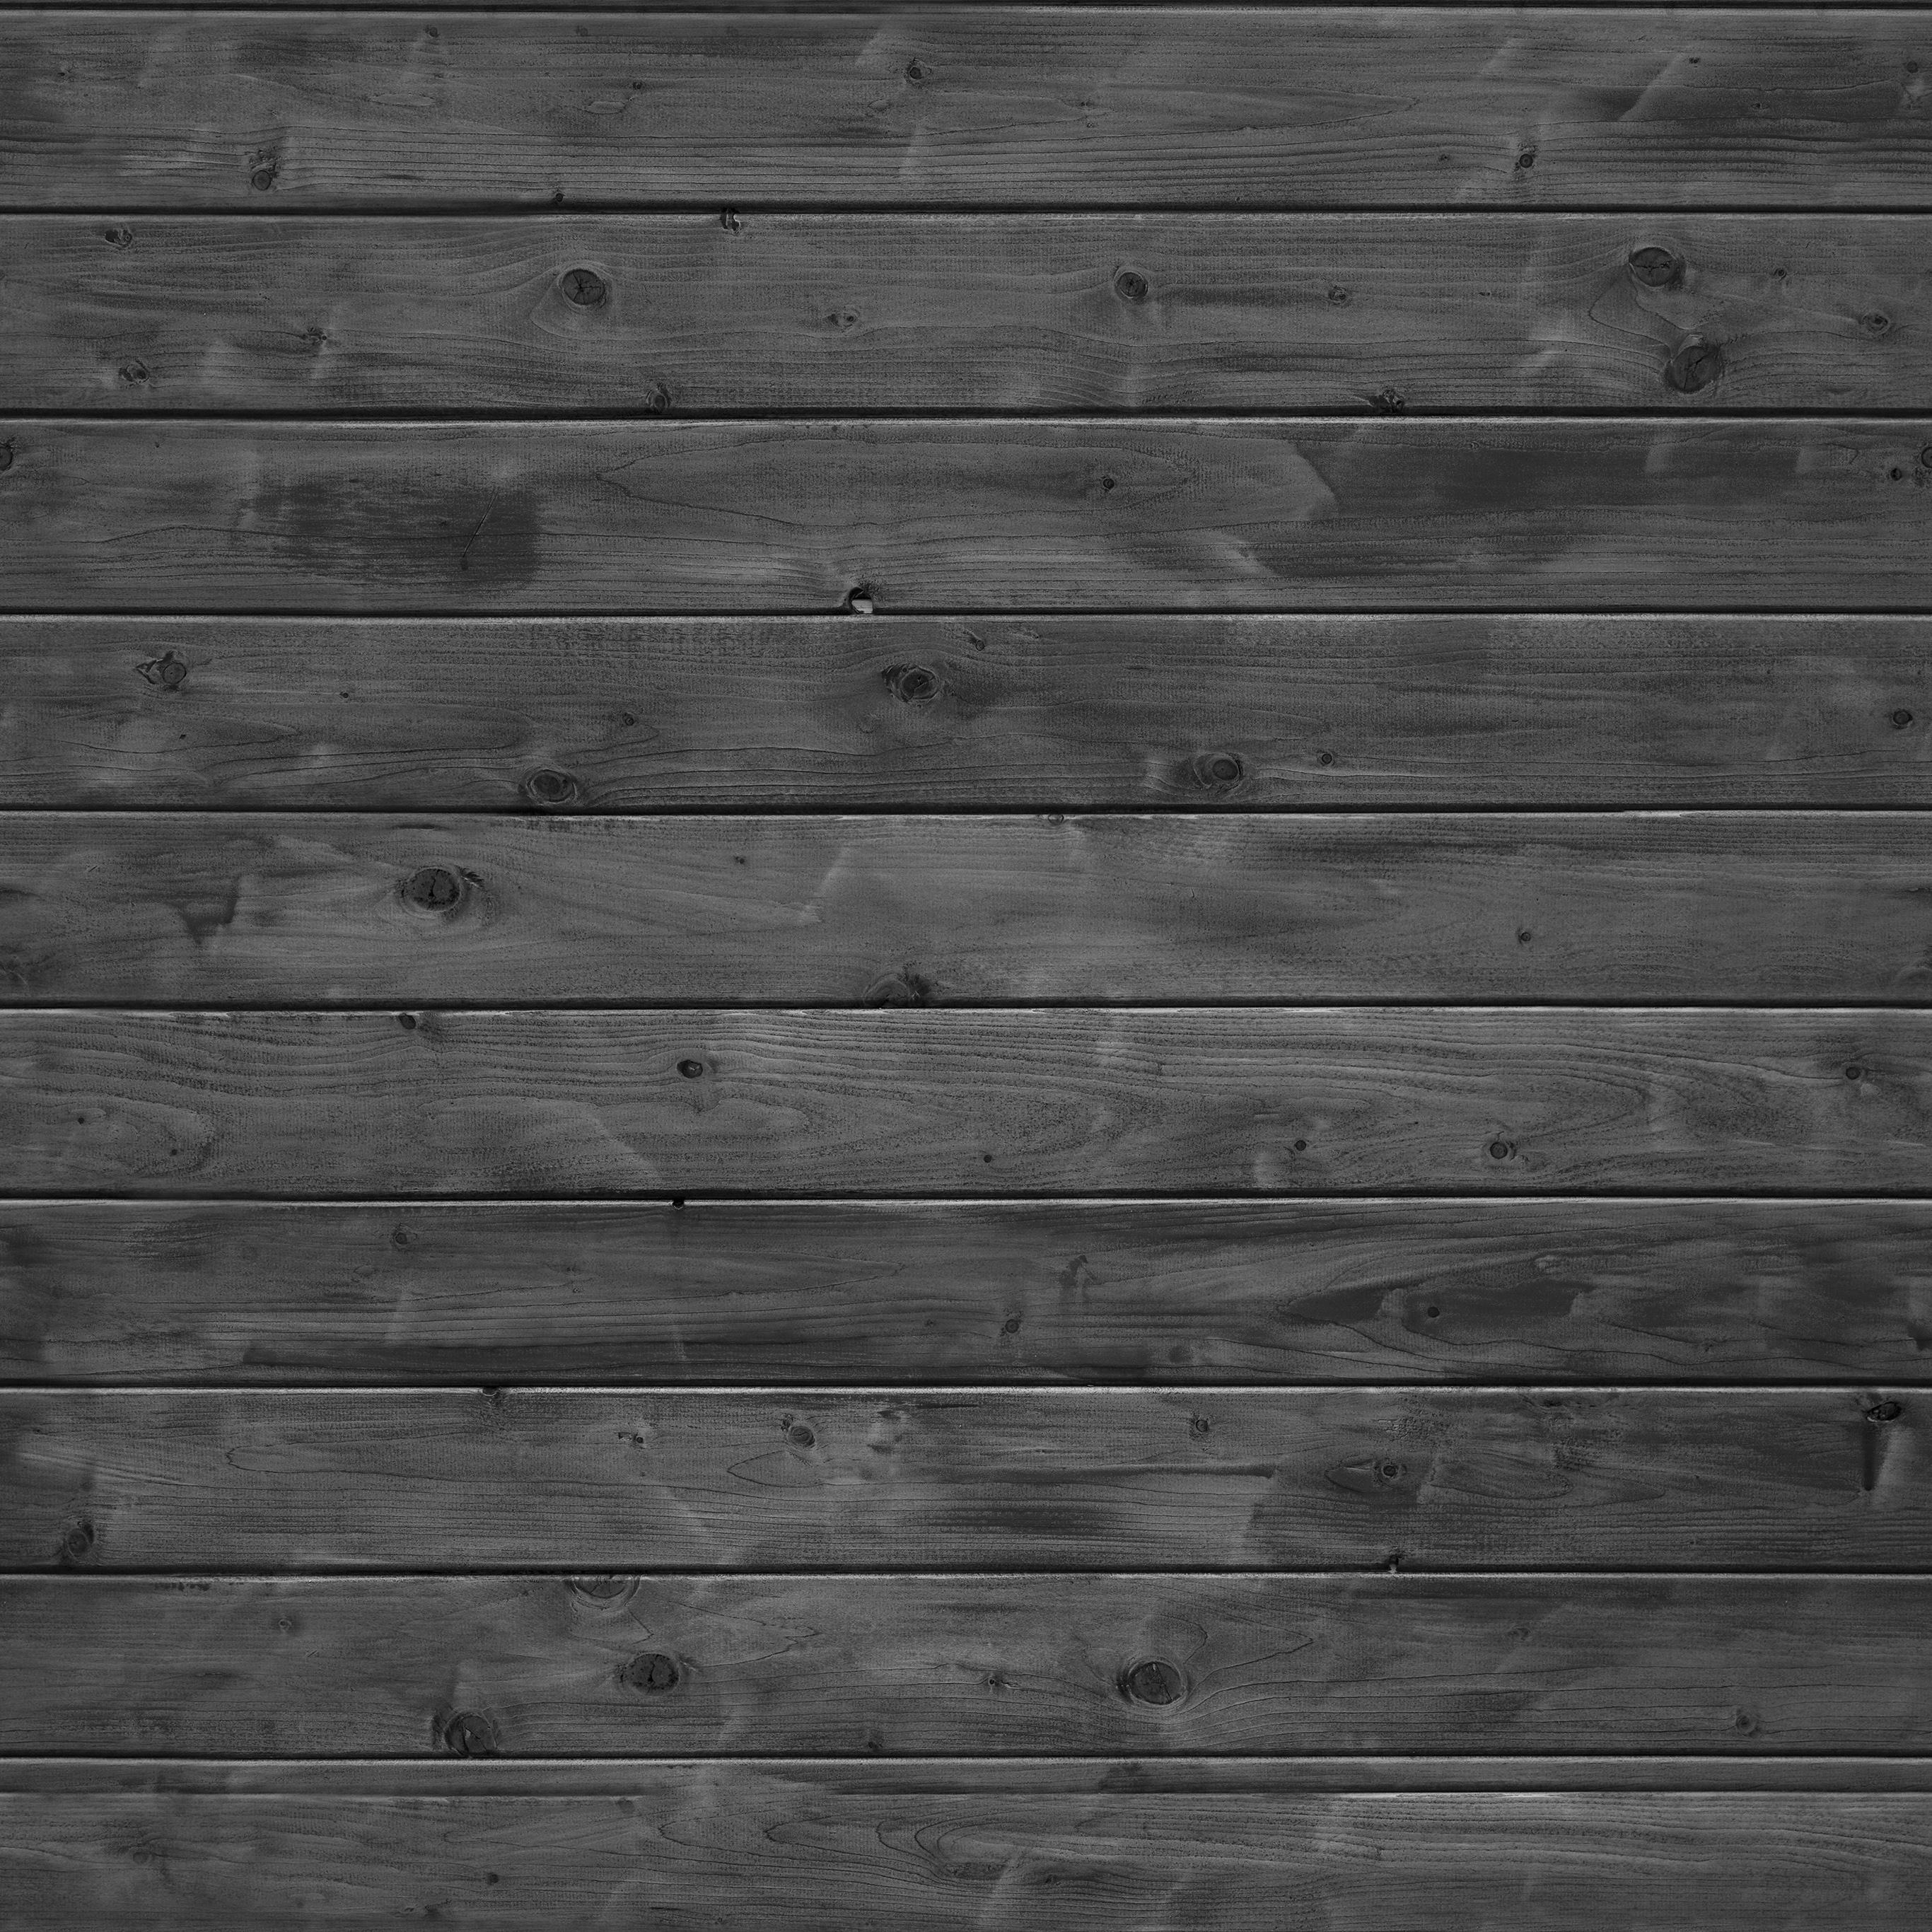 vi42-wood-dark-bw-texture-pattern-wallpaper